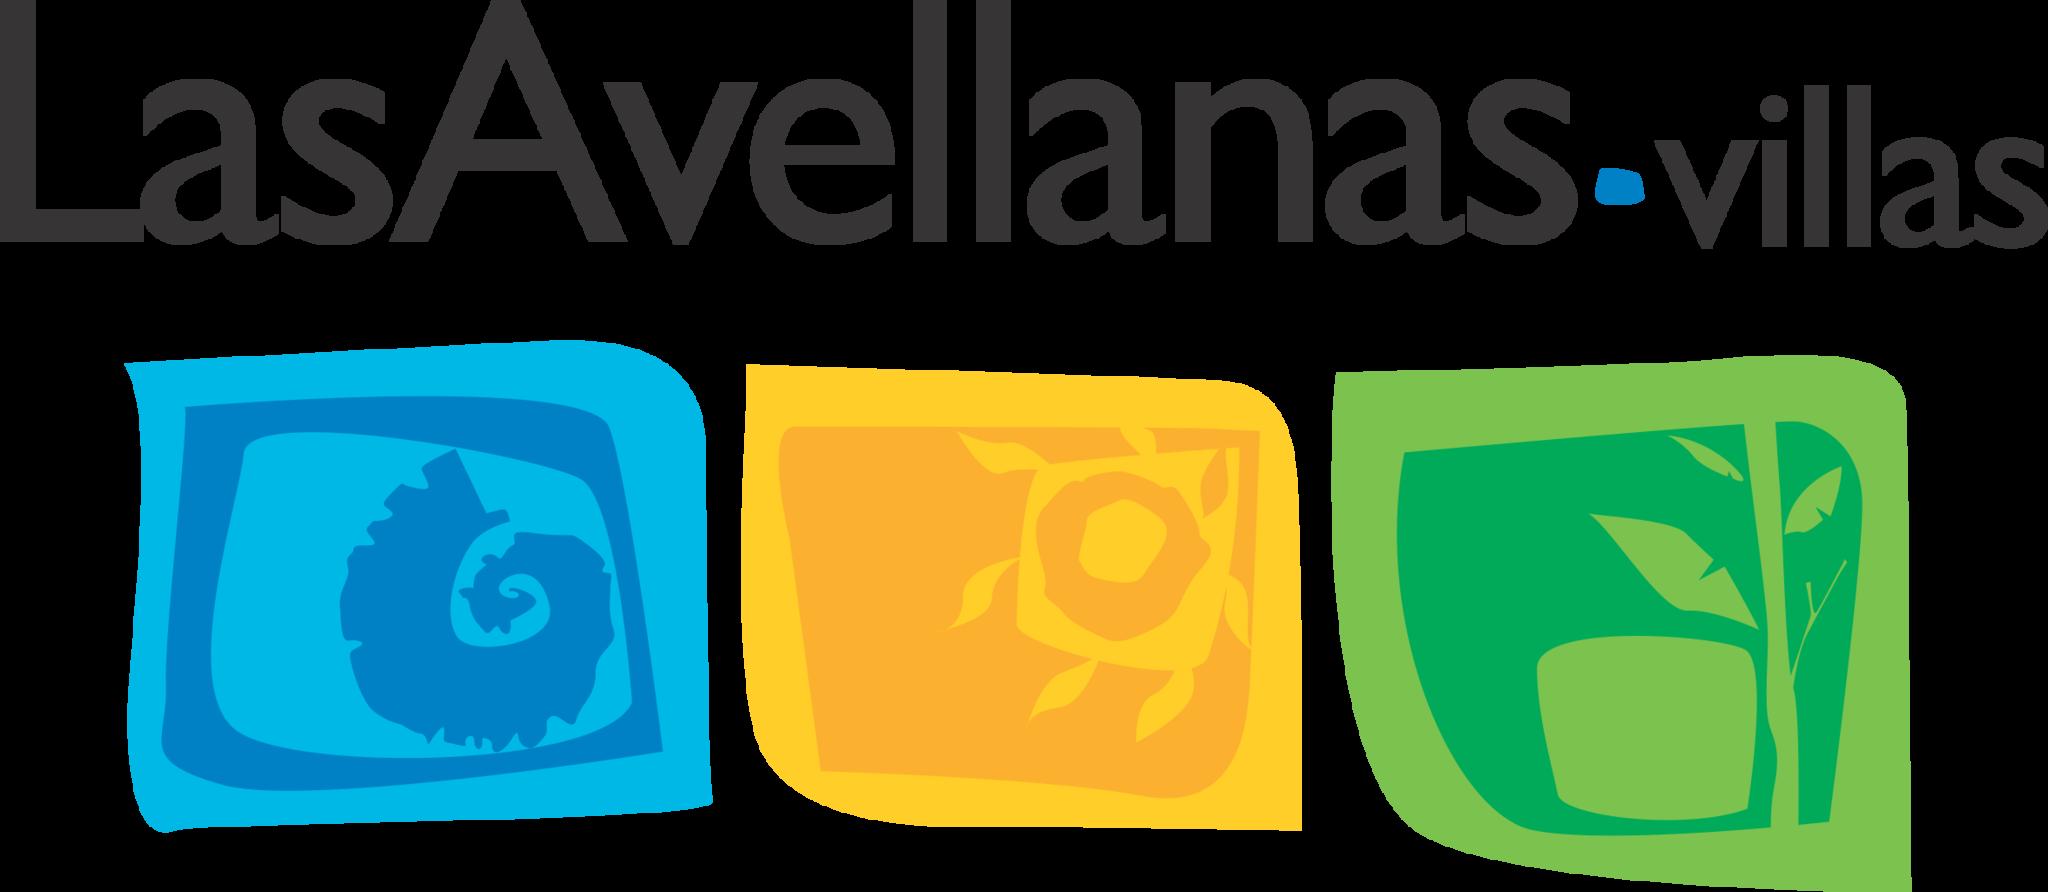 Las Avellanas Villas